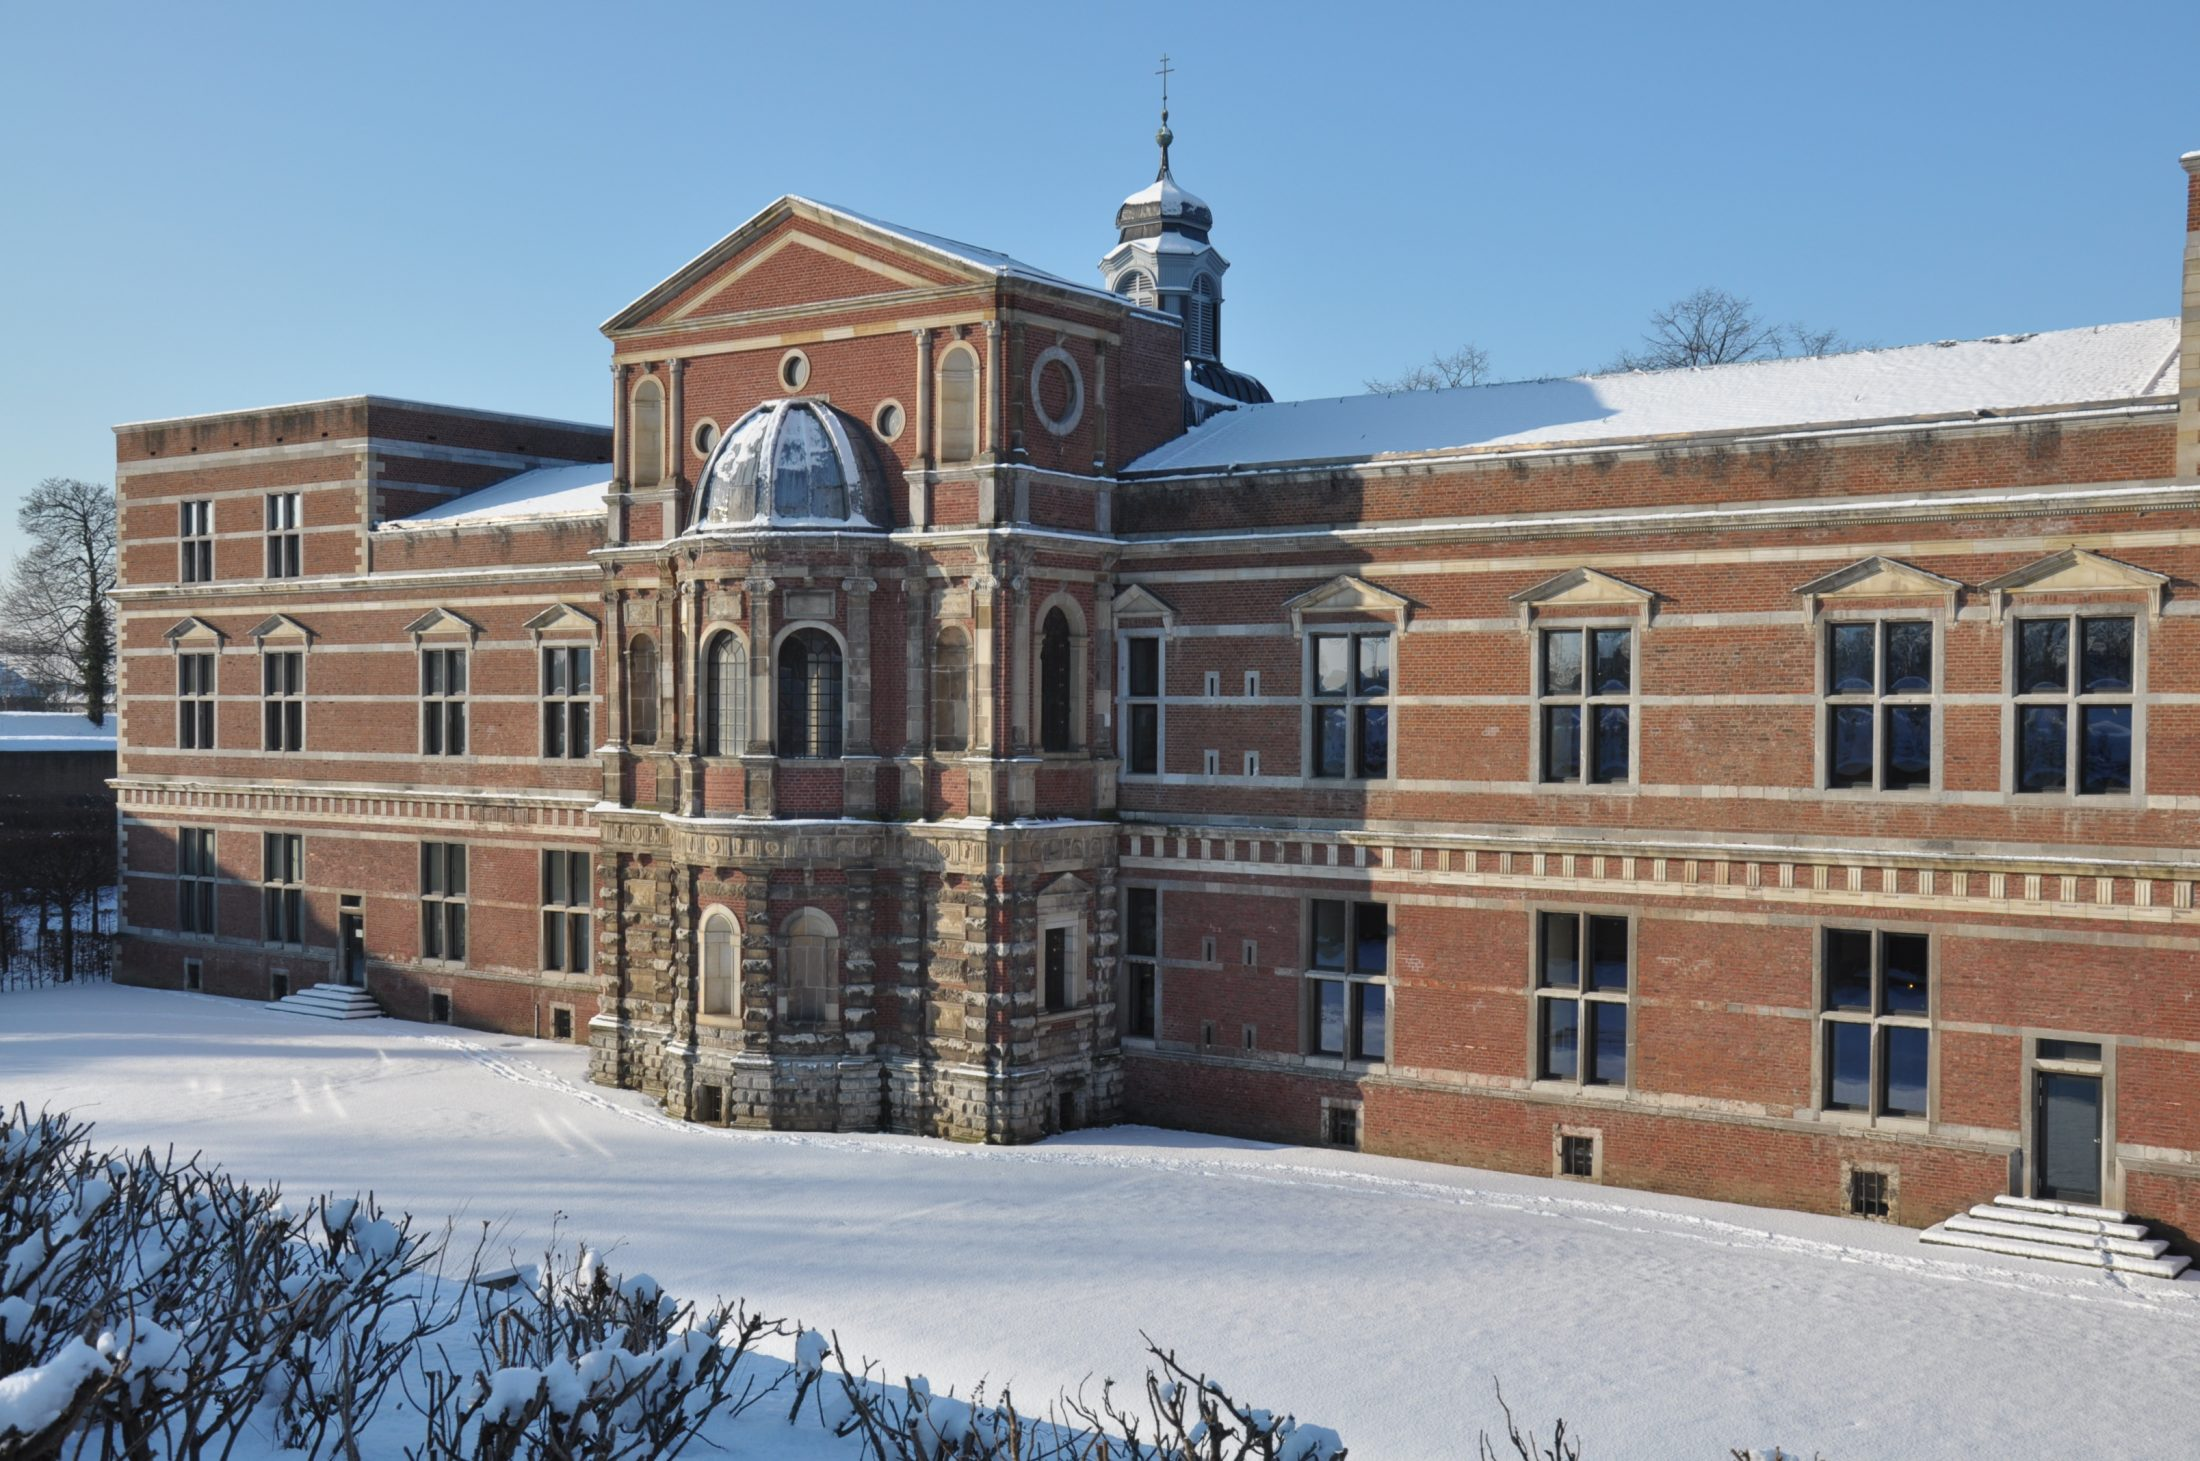 Zitadelle Jülich - Die Ostfassade des herzoglichen Schlosses im Winter